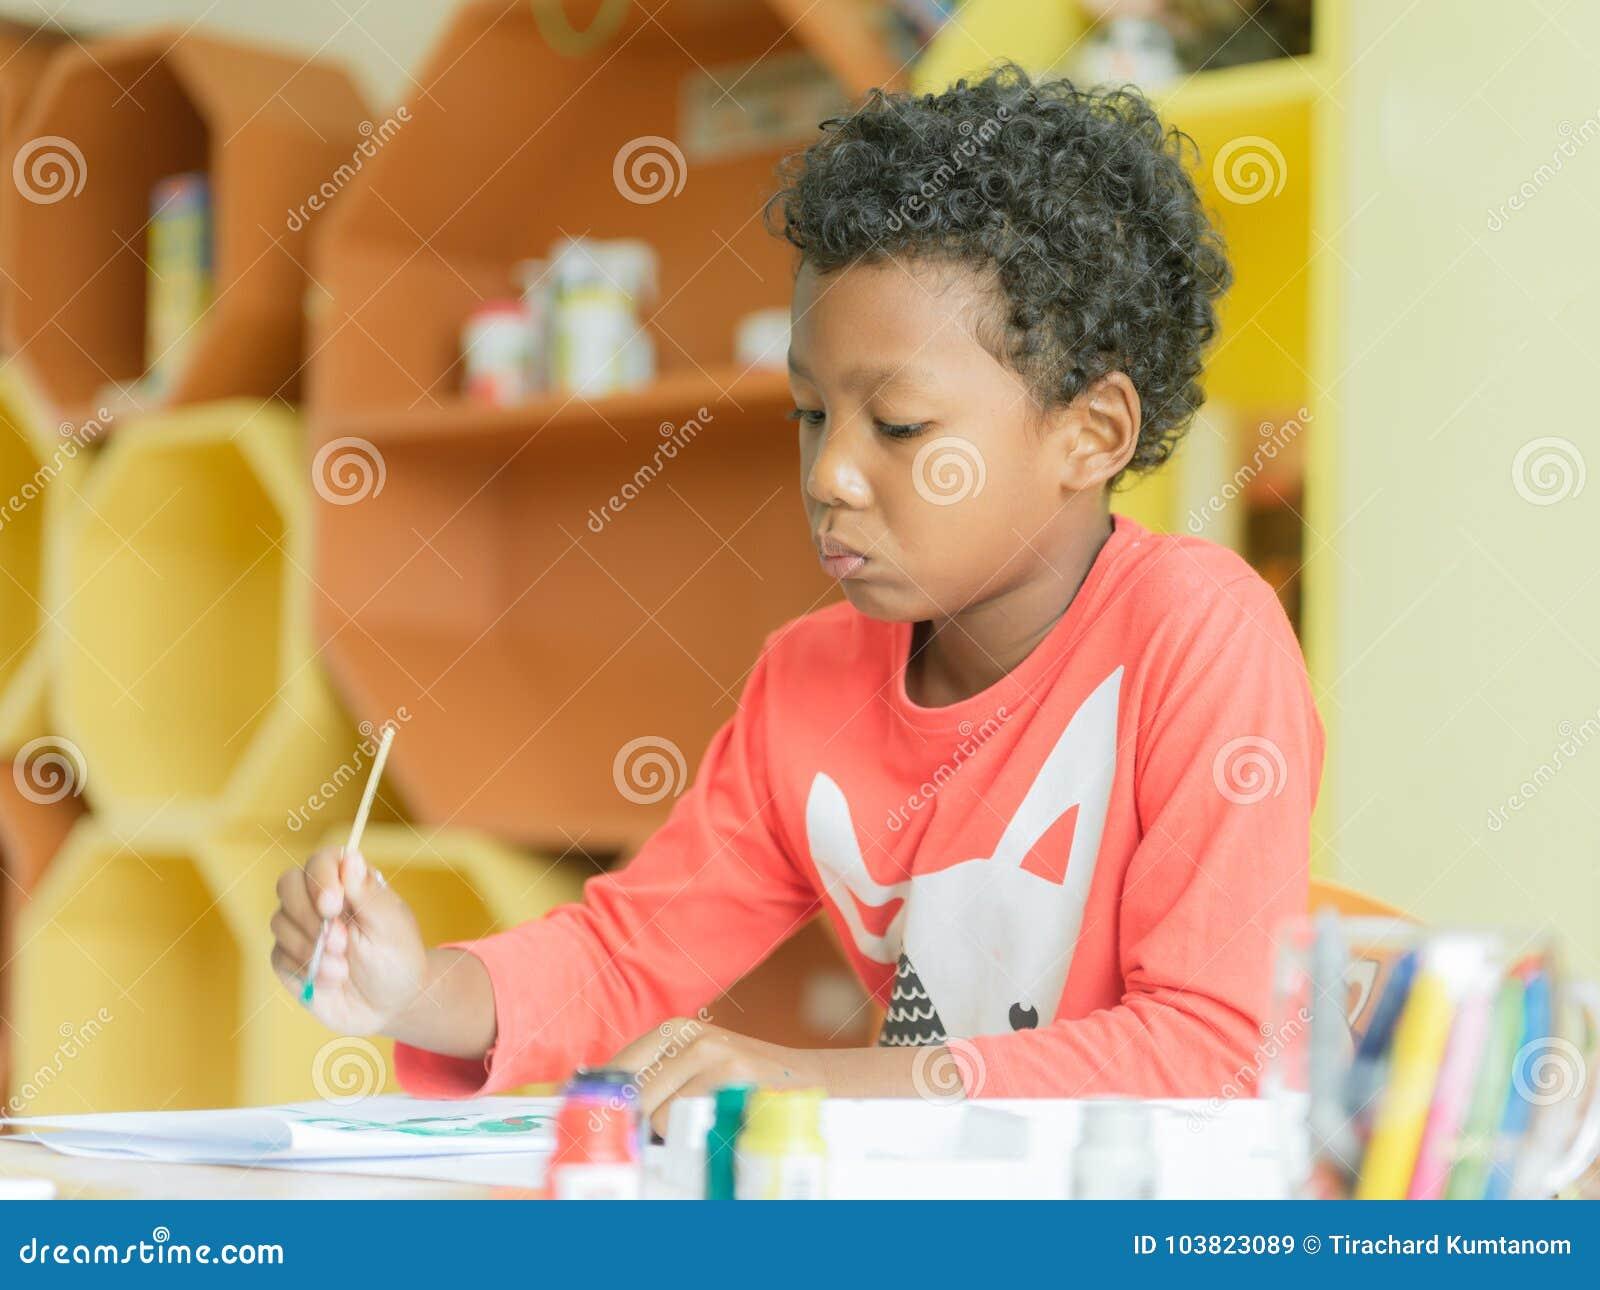 美国男孩做在家佩带了在幼儿园教室、学龄前图书馆和孩子教育概念的绘画颜色铅笔